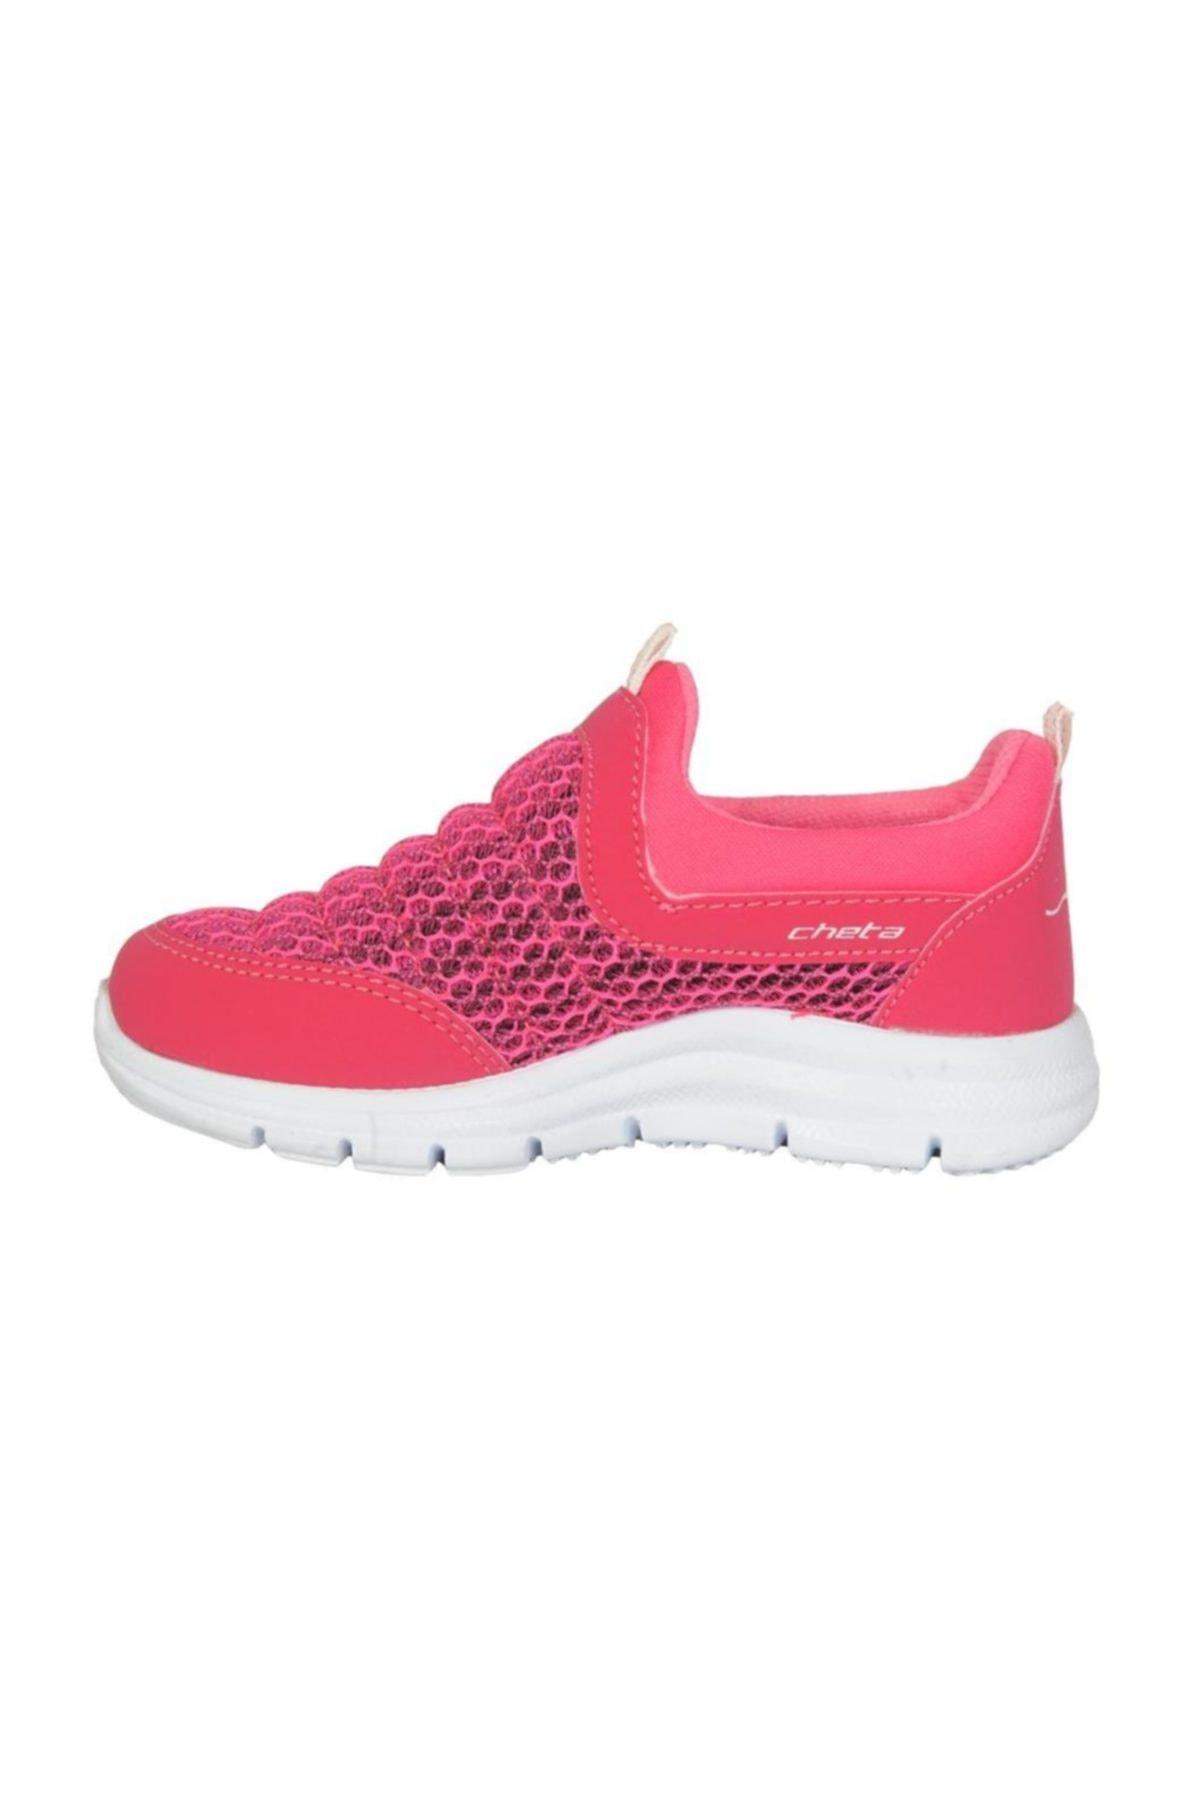 Cheta C91240 Pembe Bağsız Yazlık Kız Çocuk Spor Ayakkabı 2